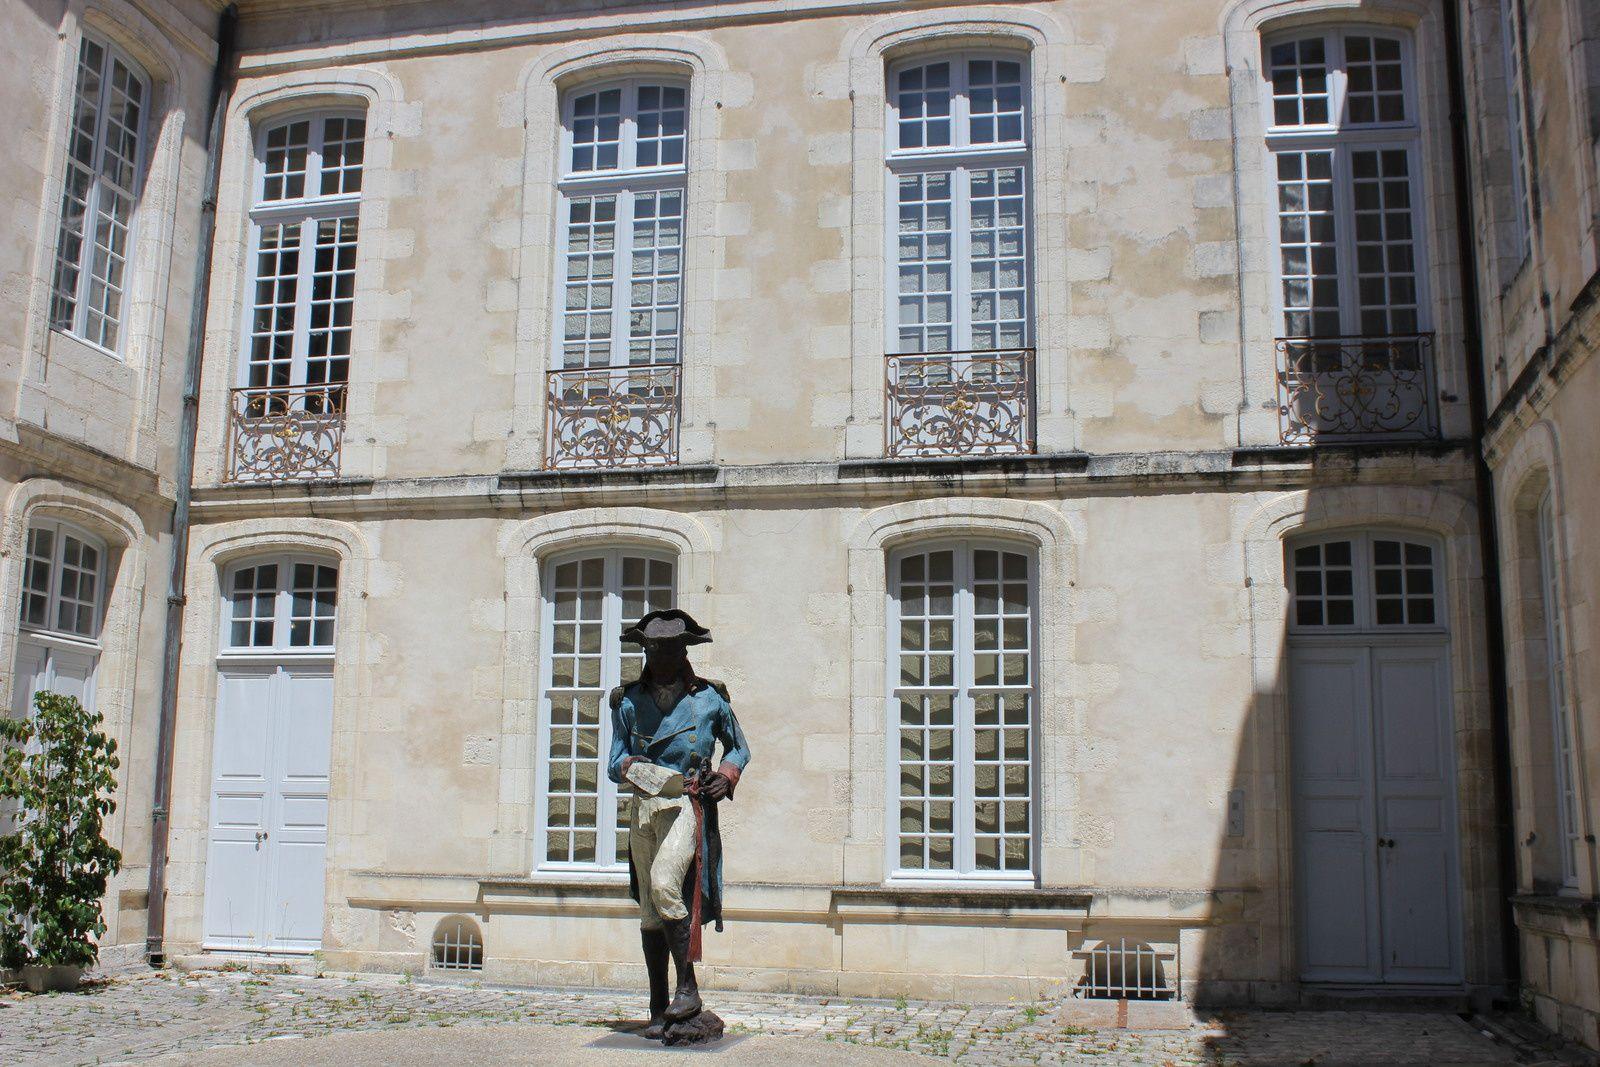 Toussaint Louverture par Ousmane Sow. La Rochelle. Hôtel Fleuriau.